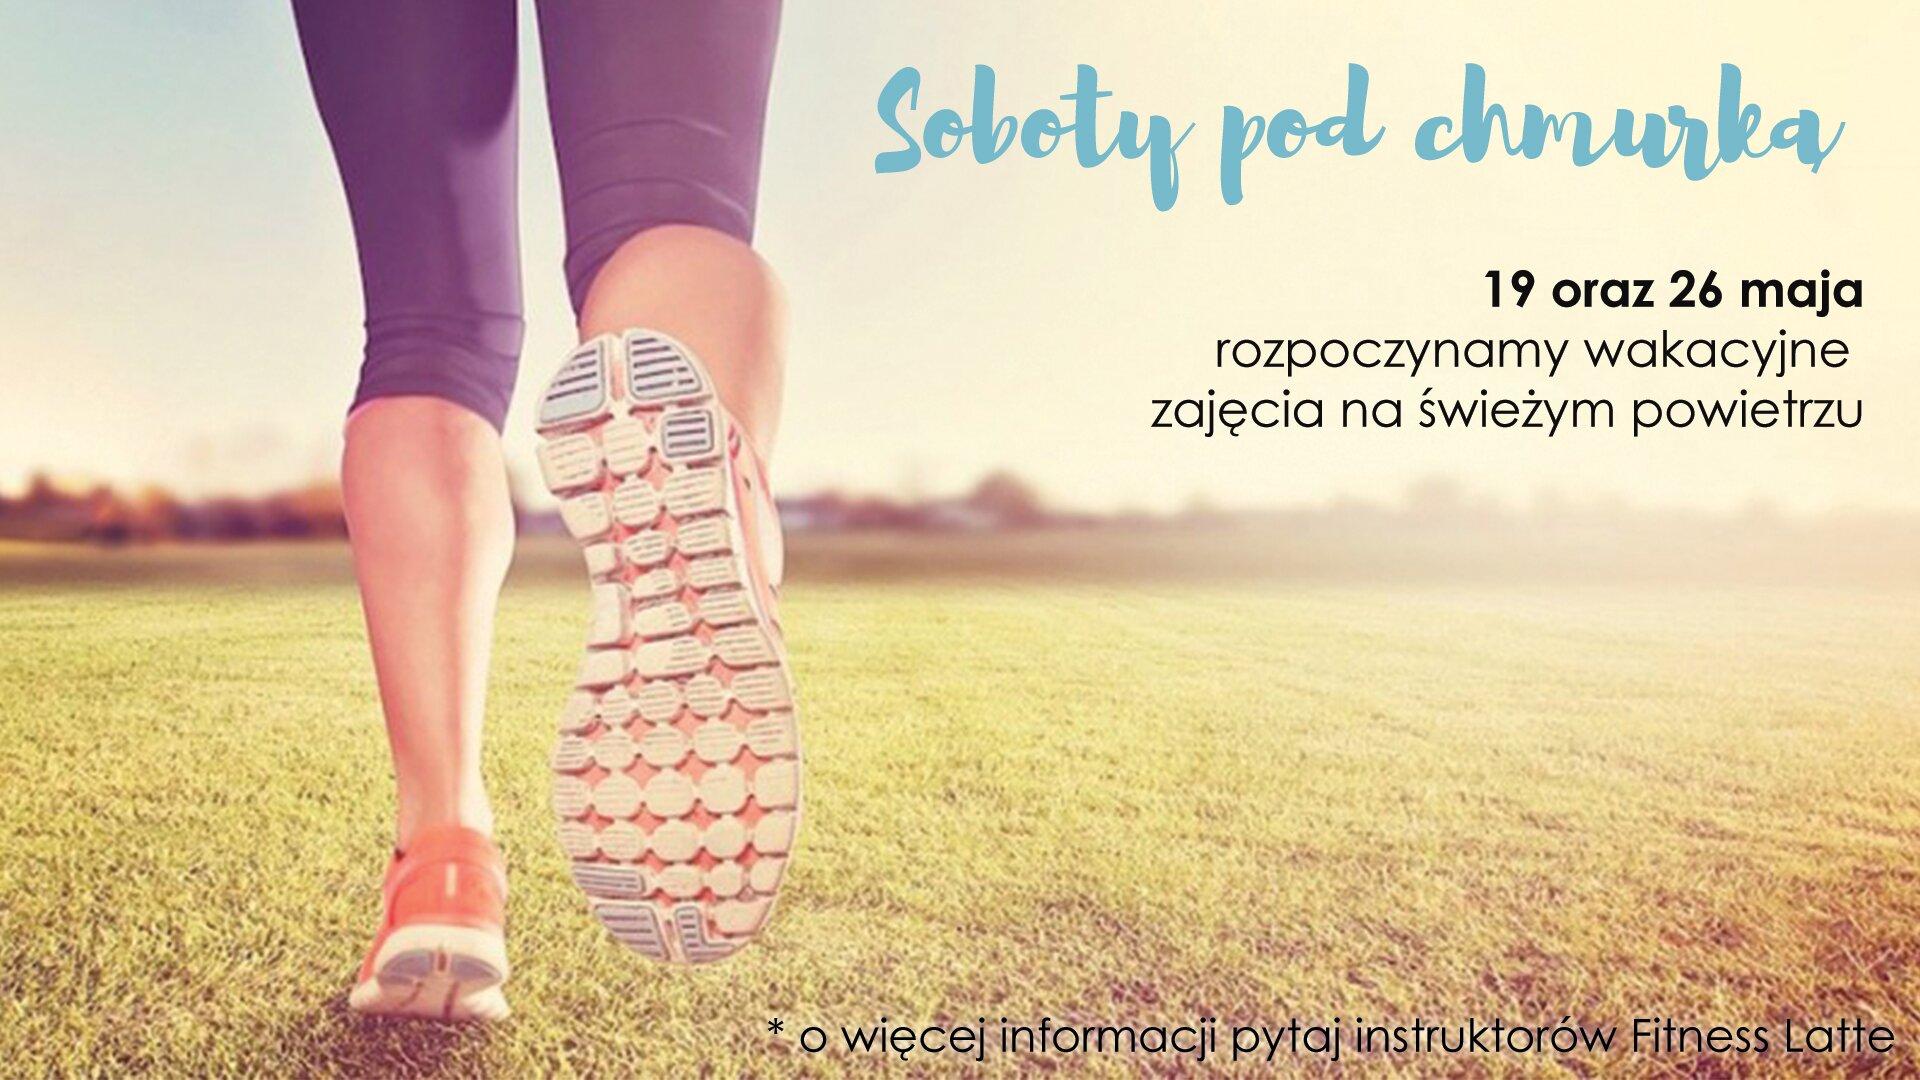 soboty pod chmurką fitness ćwiczenia na świeżym powietrzu zdrowie lato słońce trening